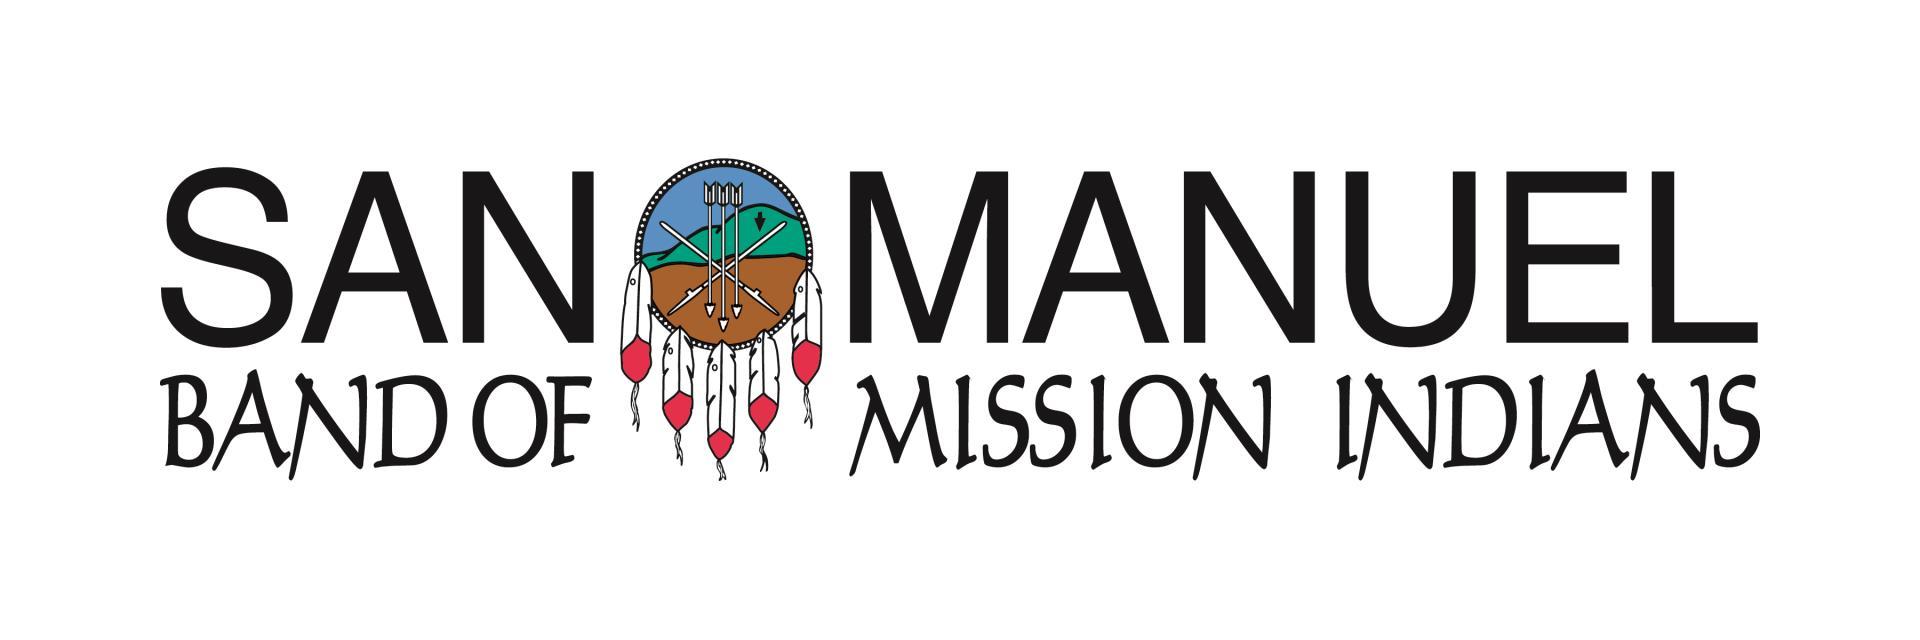 San Manuel Band of Mission Indians- FULL COLOR BLACK